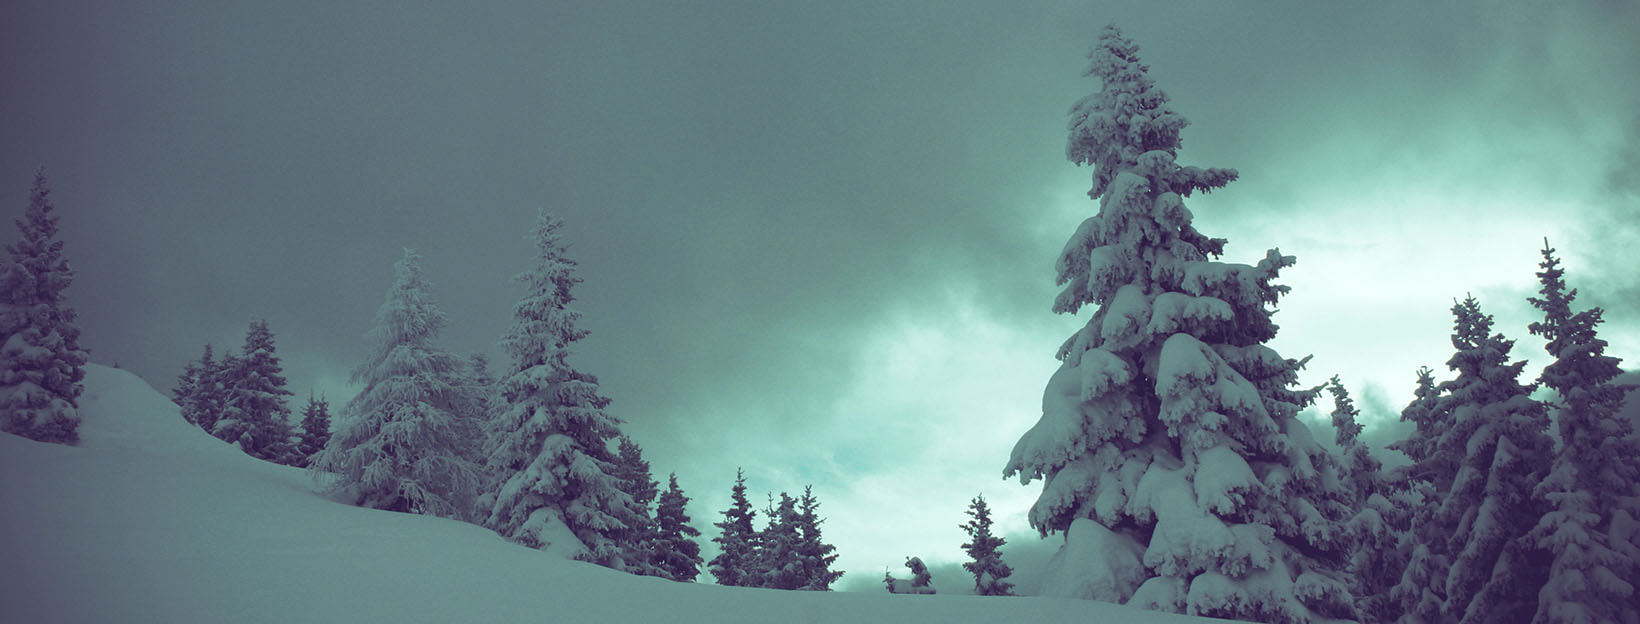 Winter-Hintergrundbilder: Wundervoll winterliche Momente